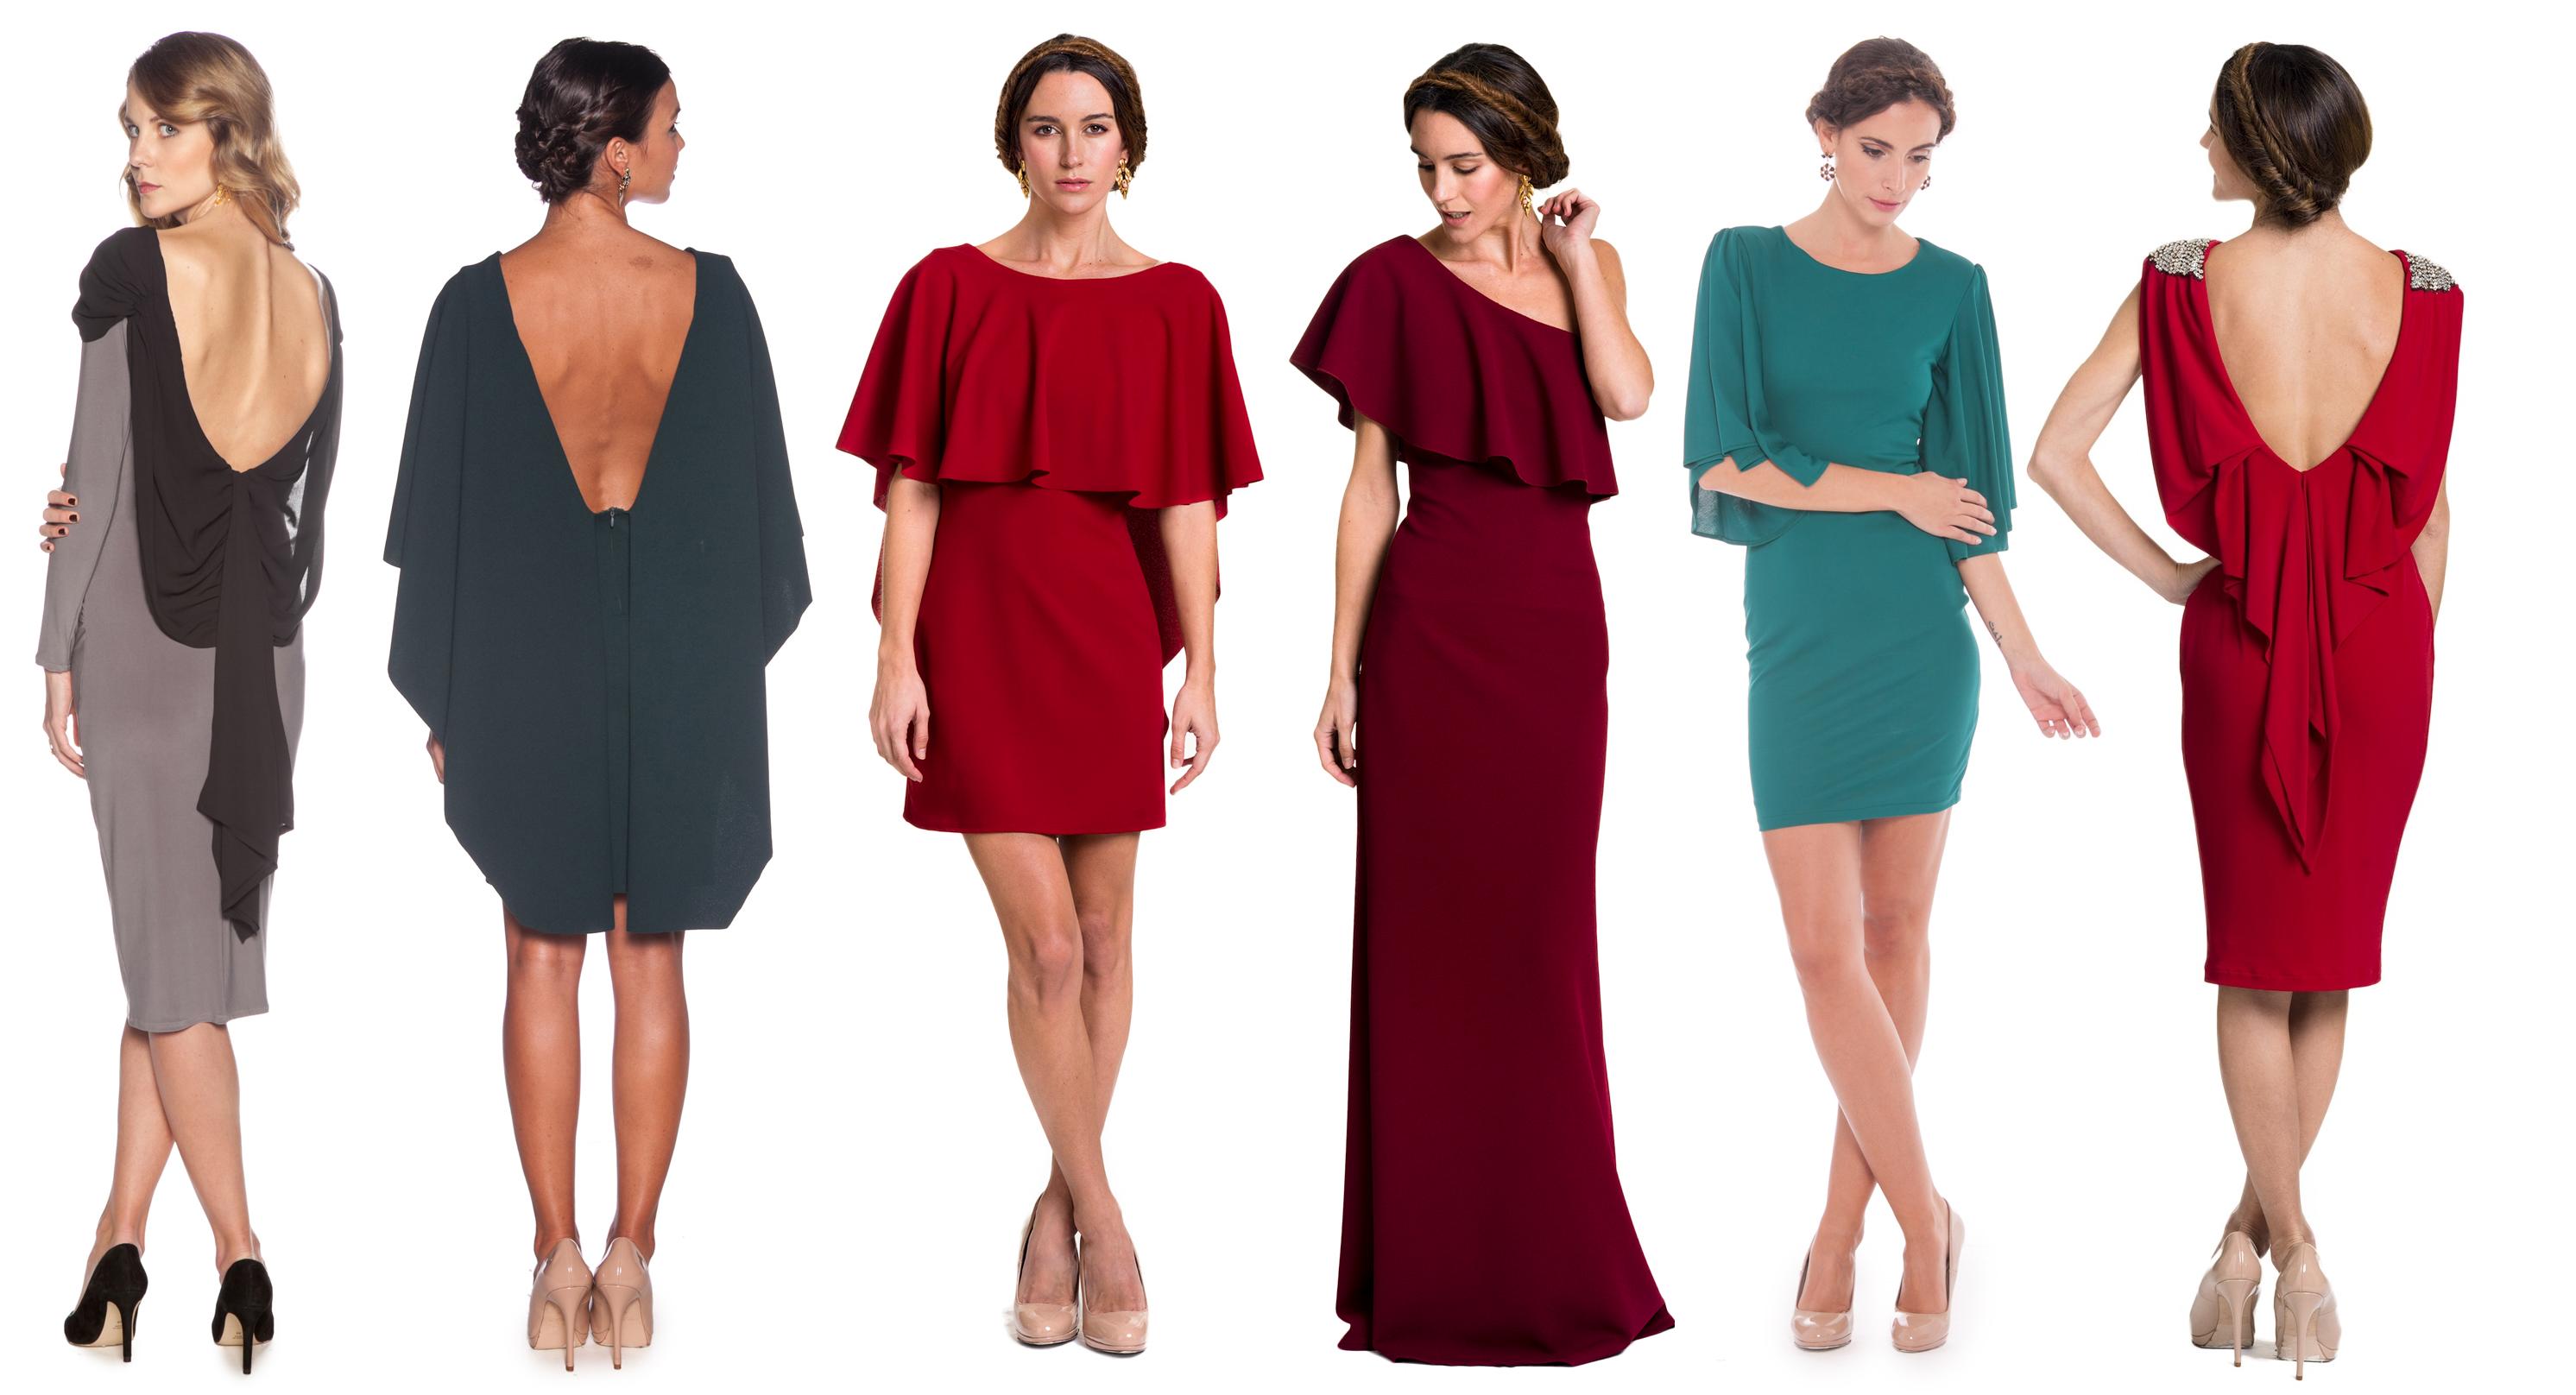 vestidos de punto con capa lamasmona.com